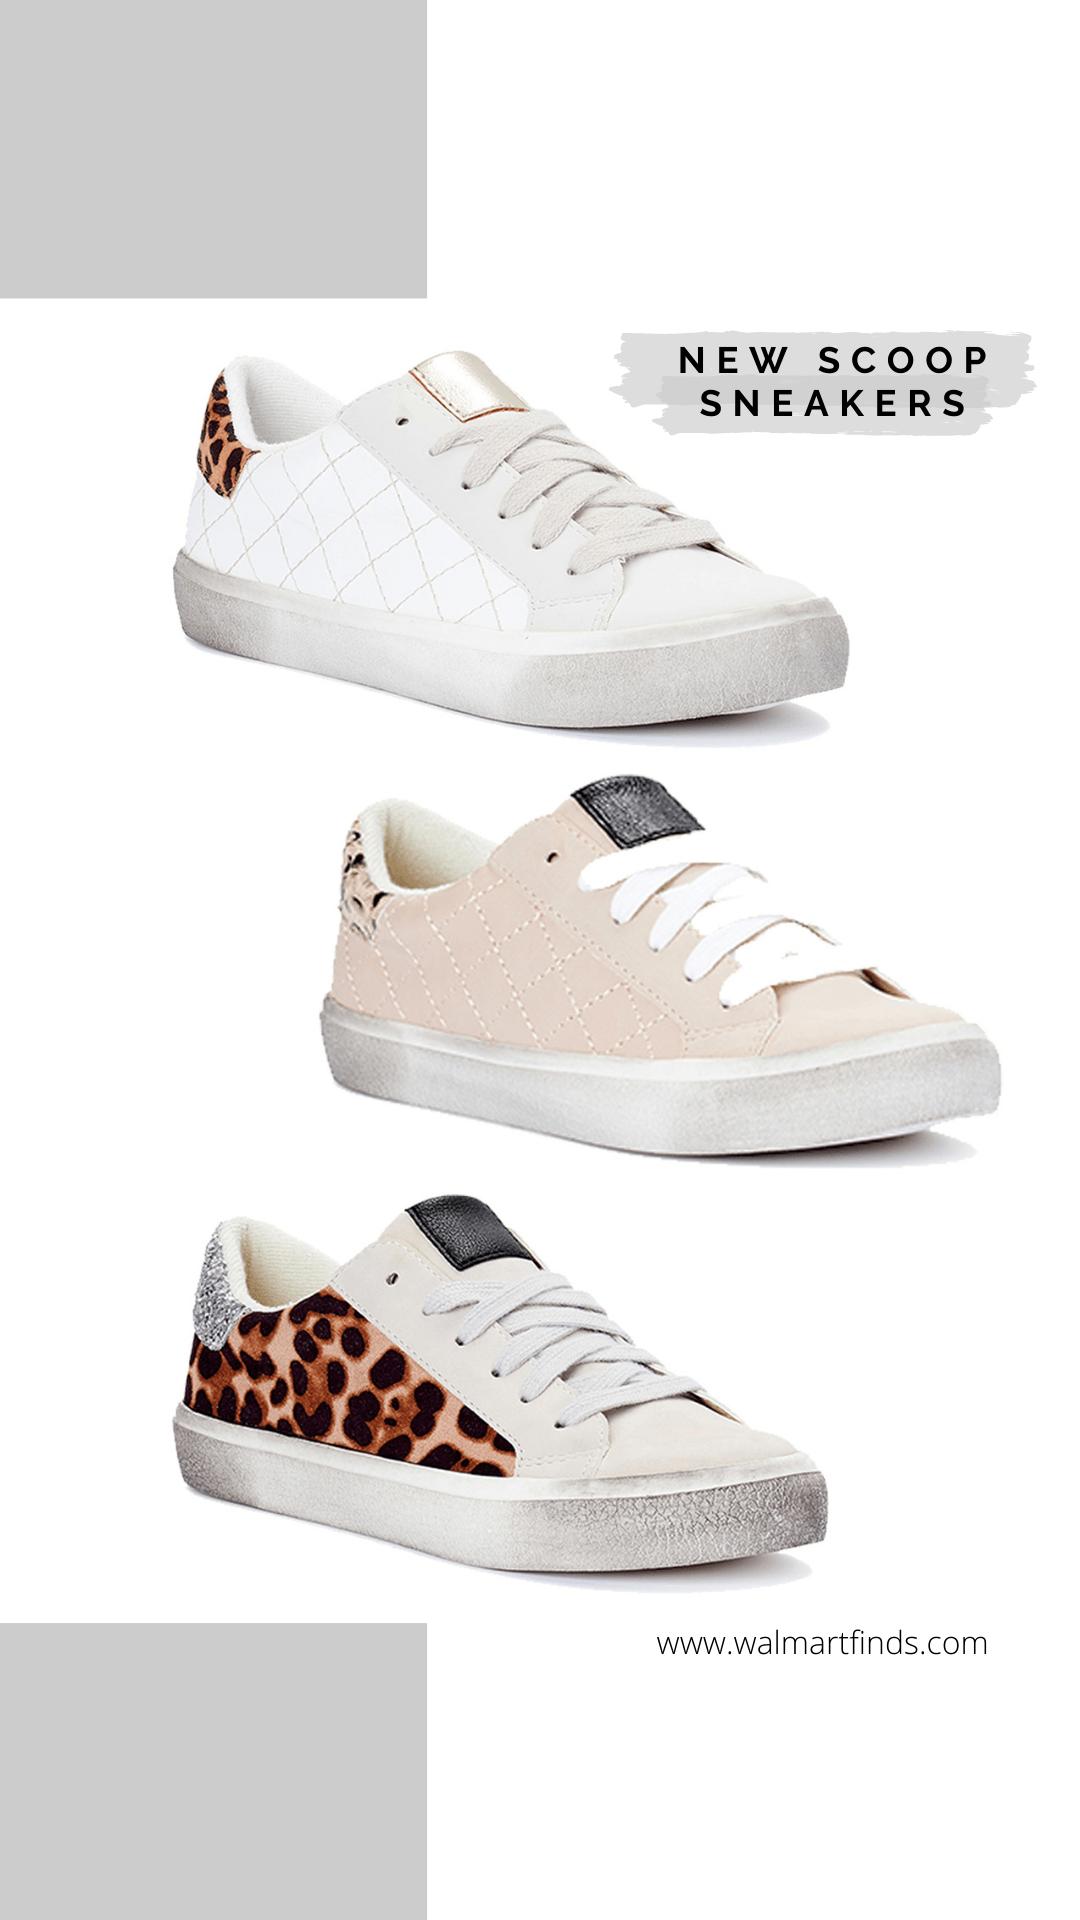 New Scoop Sneakers - golden goose dupes